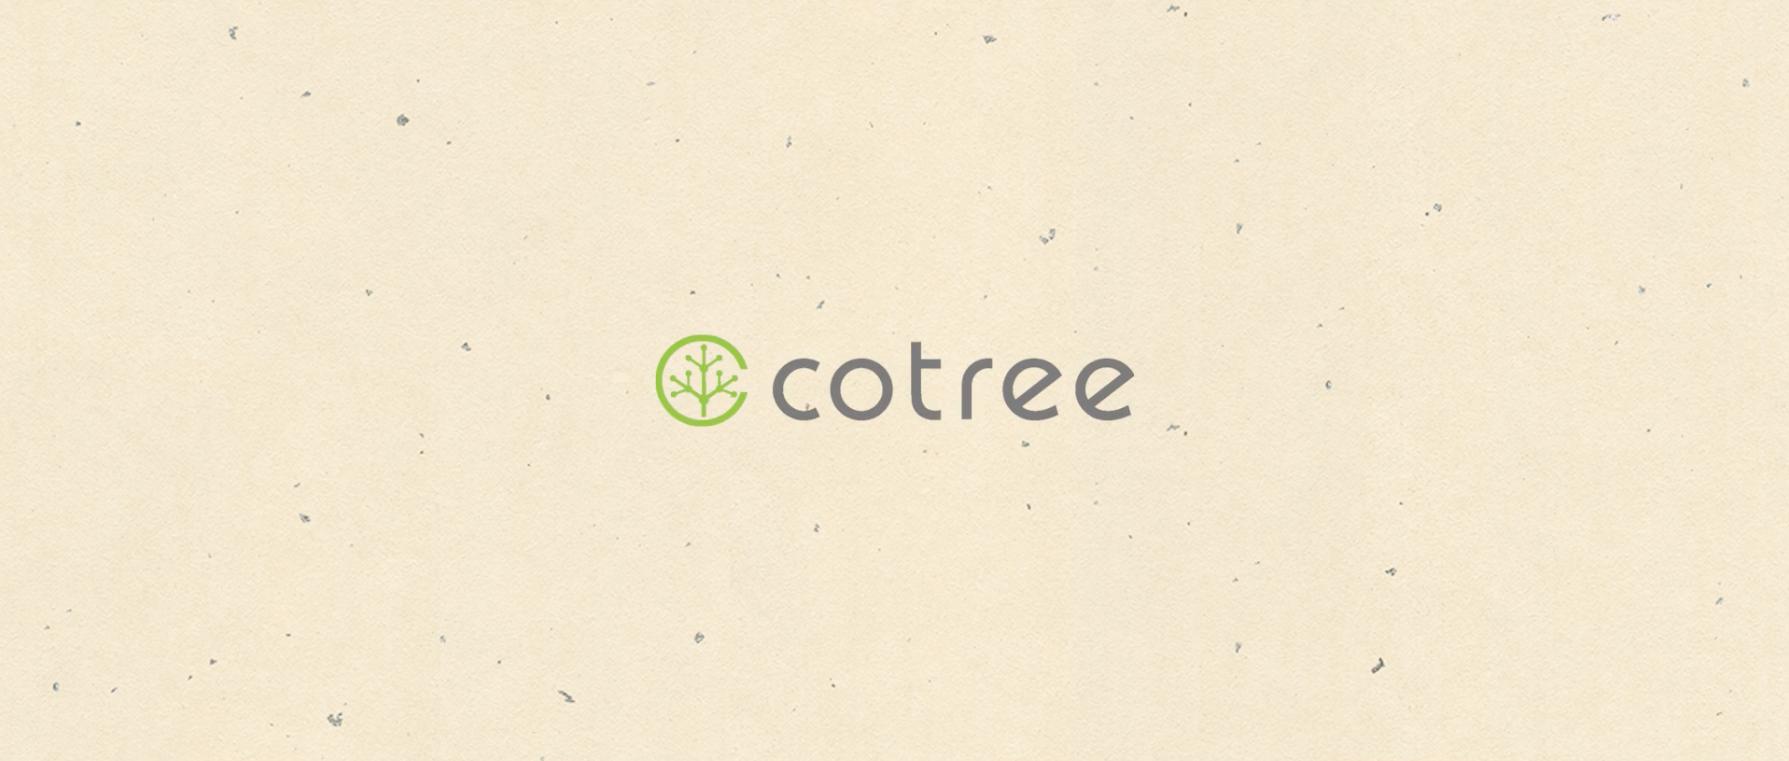 オンラインカウンセリング「cotree」の企業CM